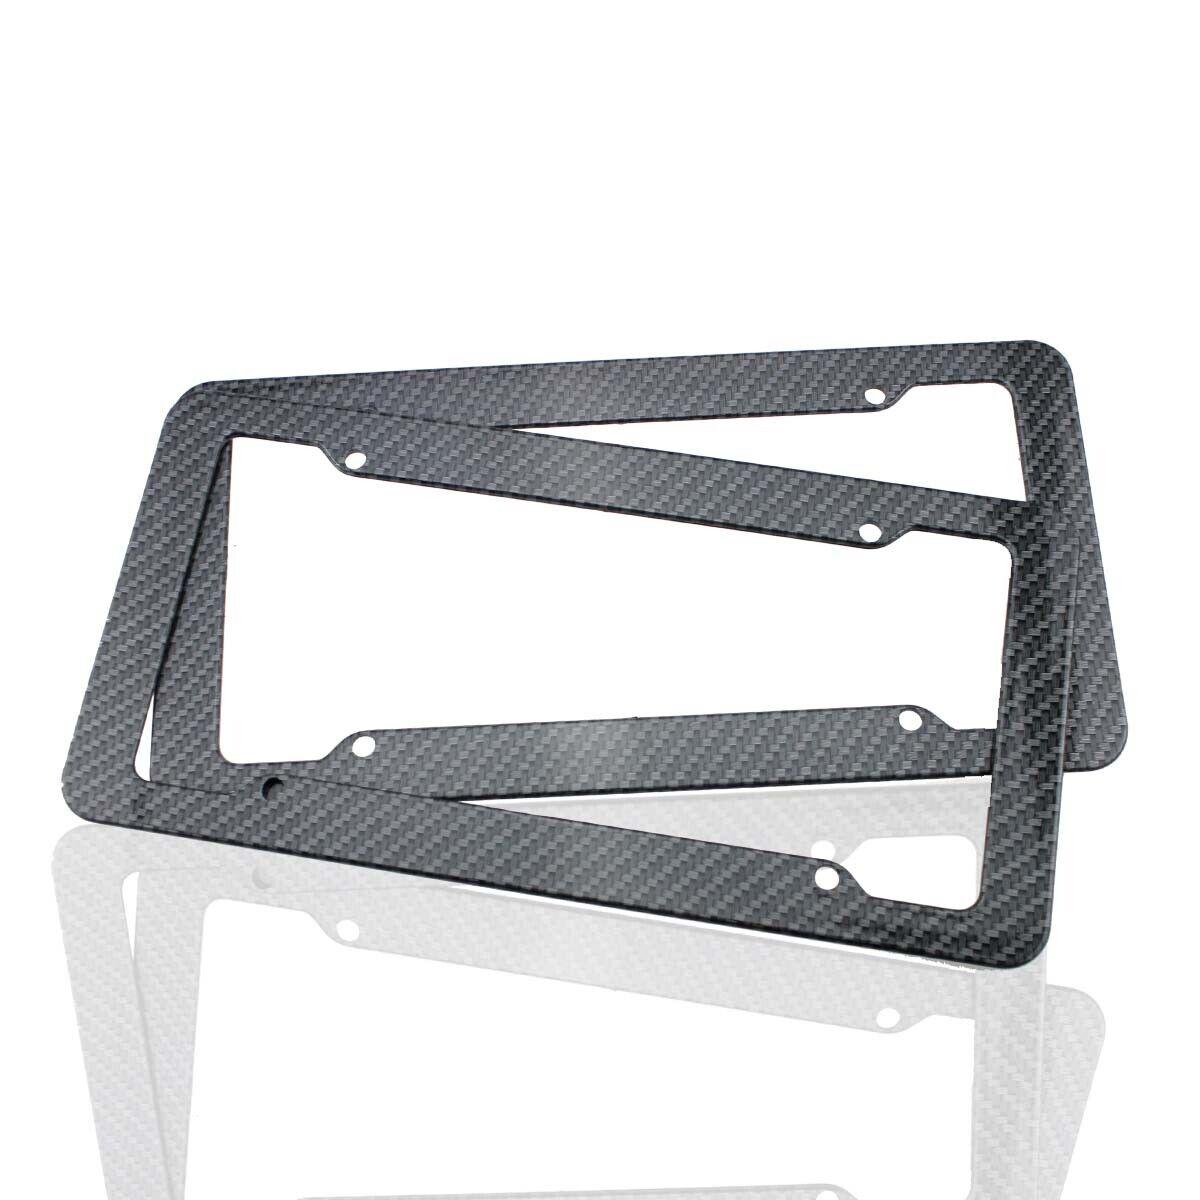 2x Black Carbon Fiber License Plate Tag Frame For Front /& Rear Bracket w// Screws